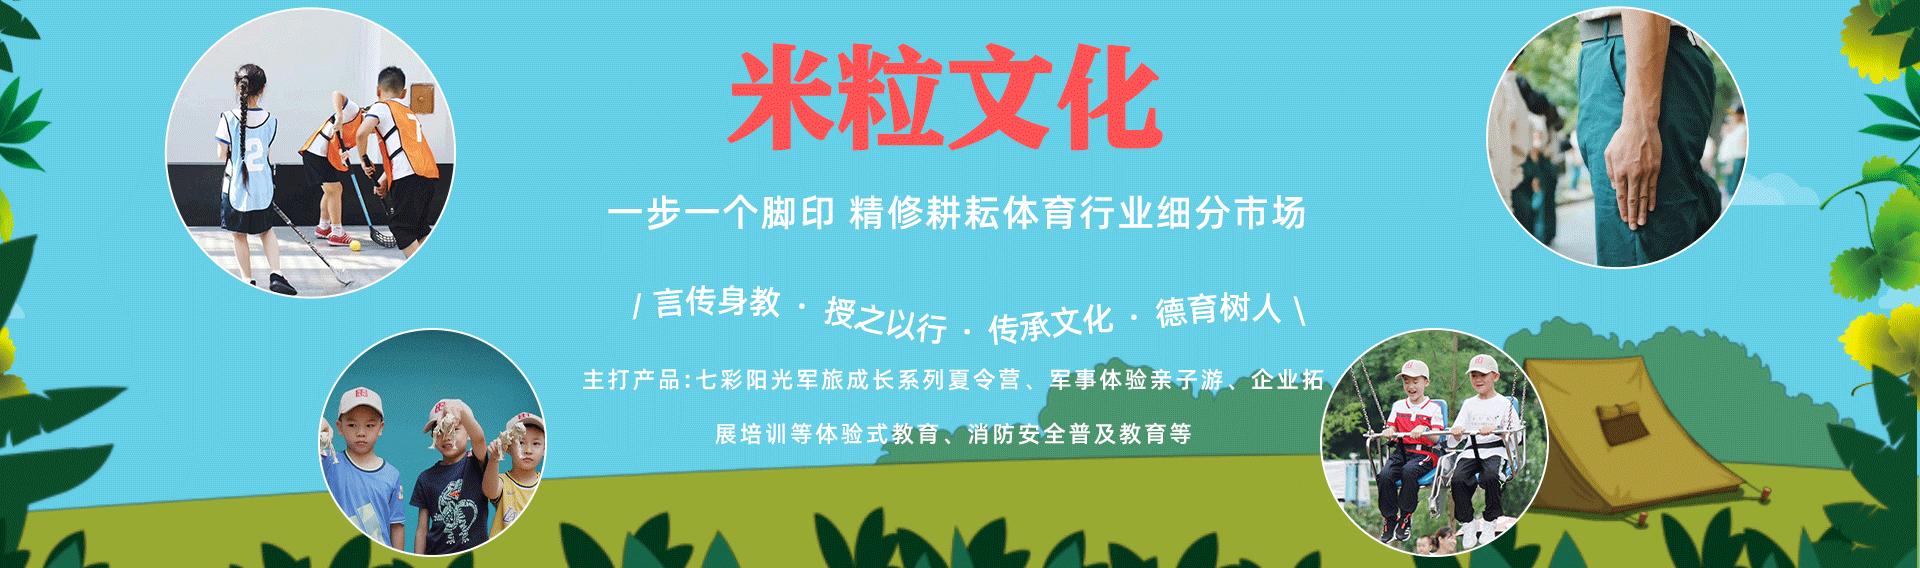 宁波米粒文化体育发展有限公司